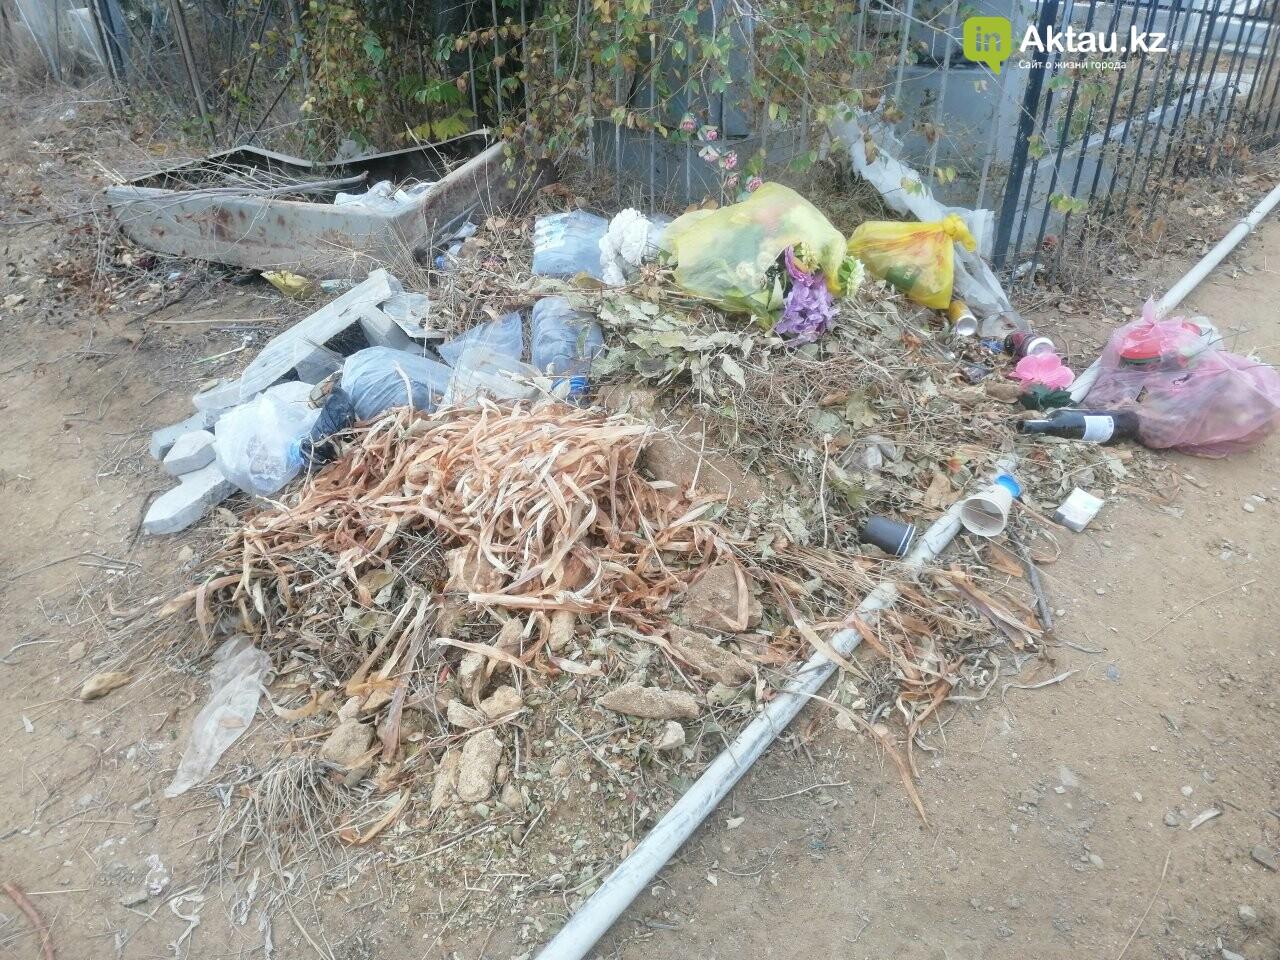 Жители Актау пожаловались на мусор на православном кладбище , фото-3